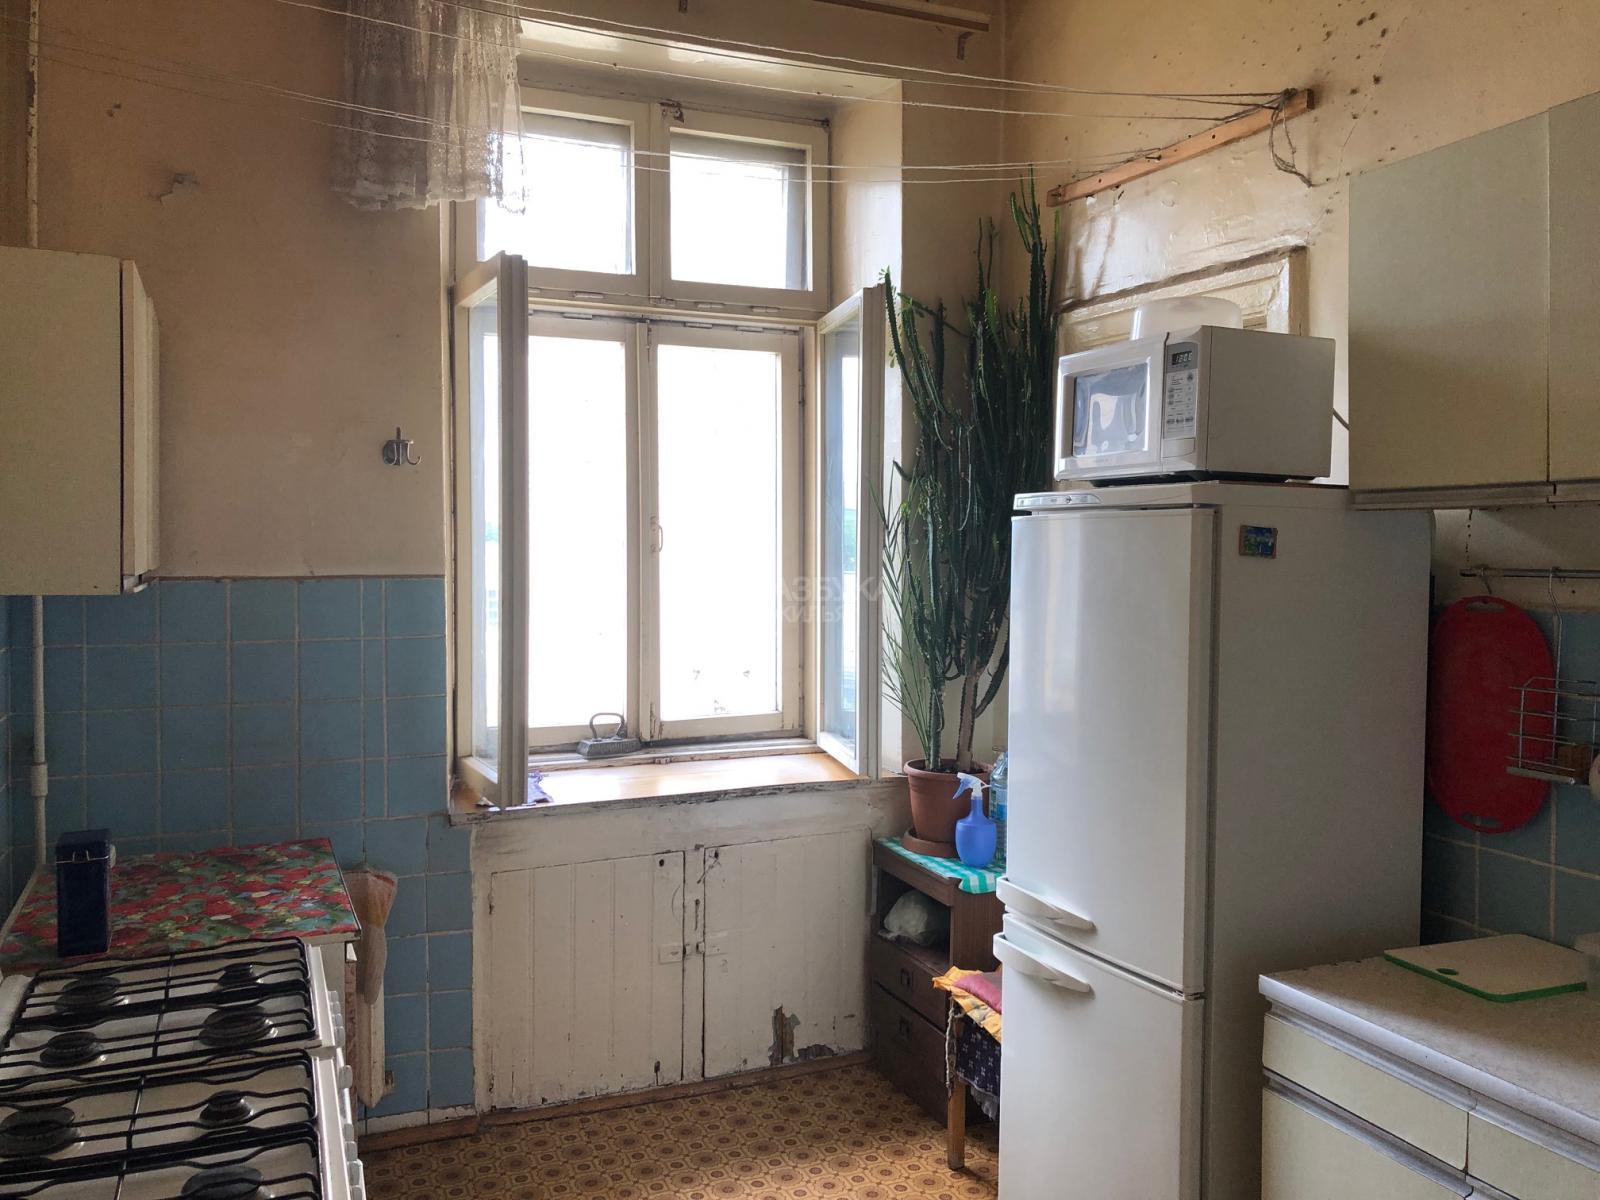 Фото №13 - 7-комнатная квартира, Москва, Николопесковский М. переулок 11 корпус 2 строение 1, метро Смоленская